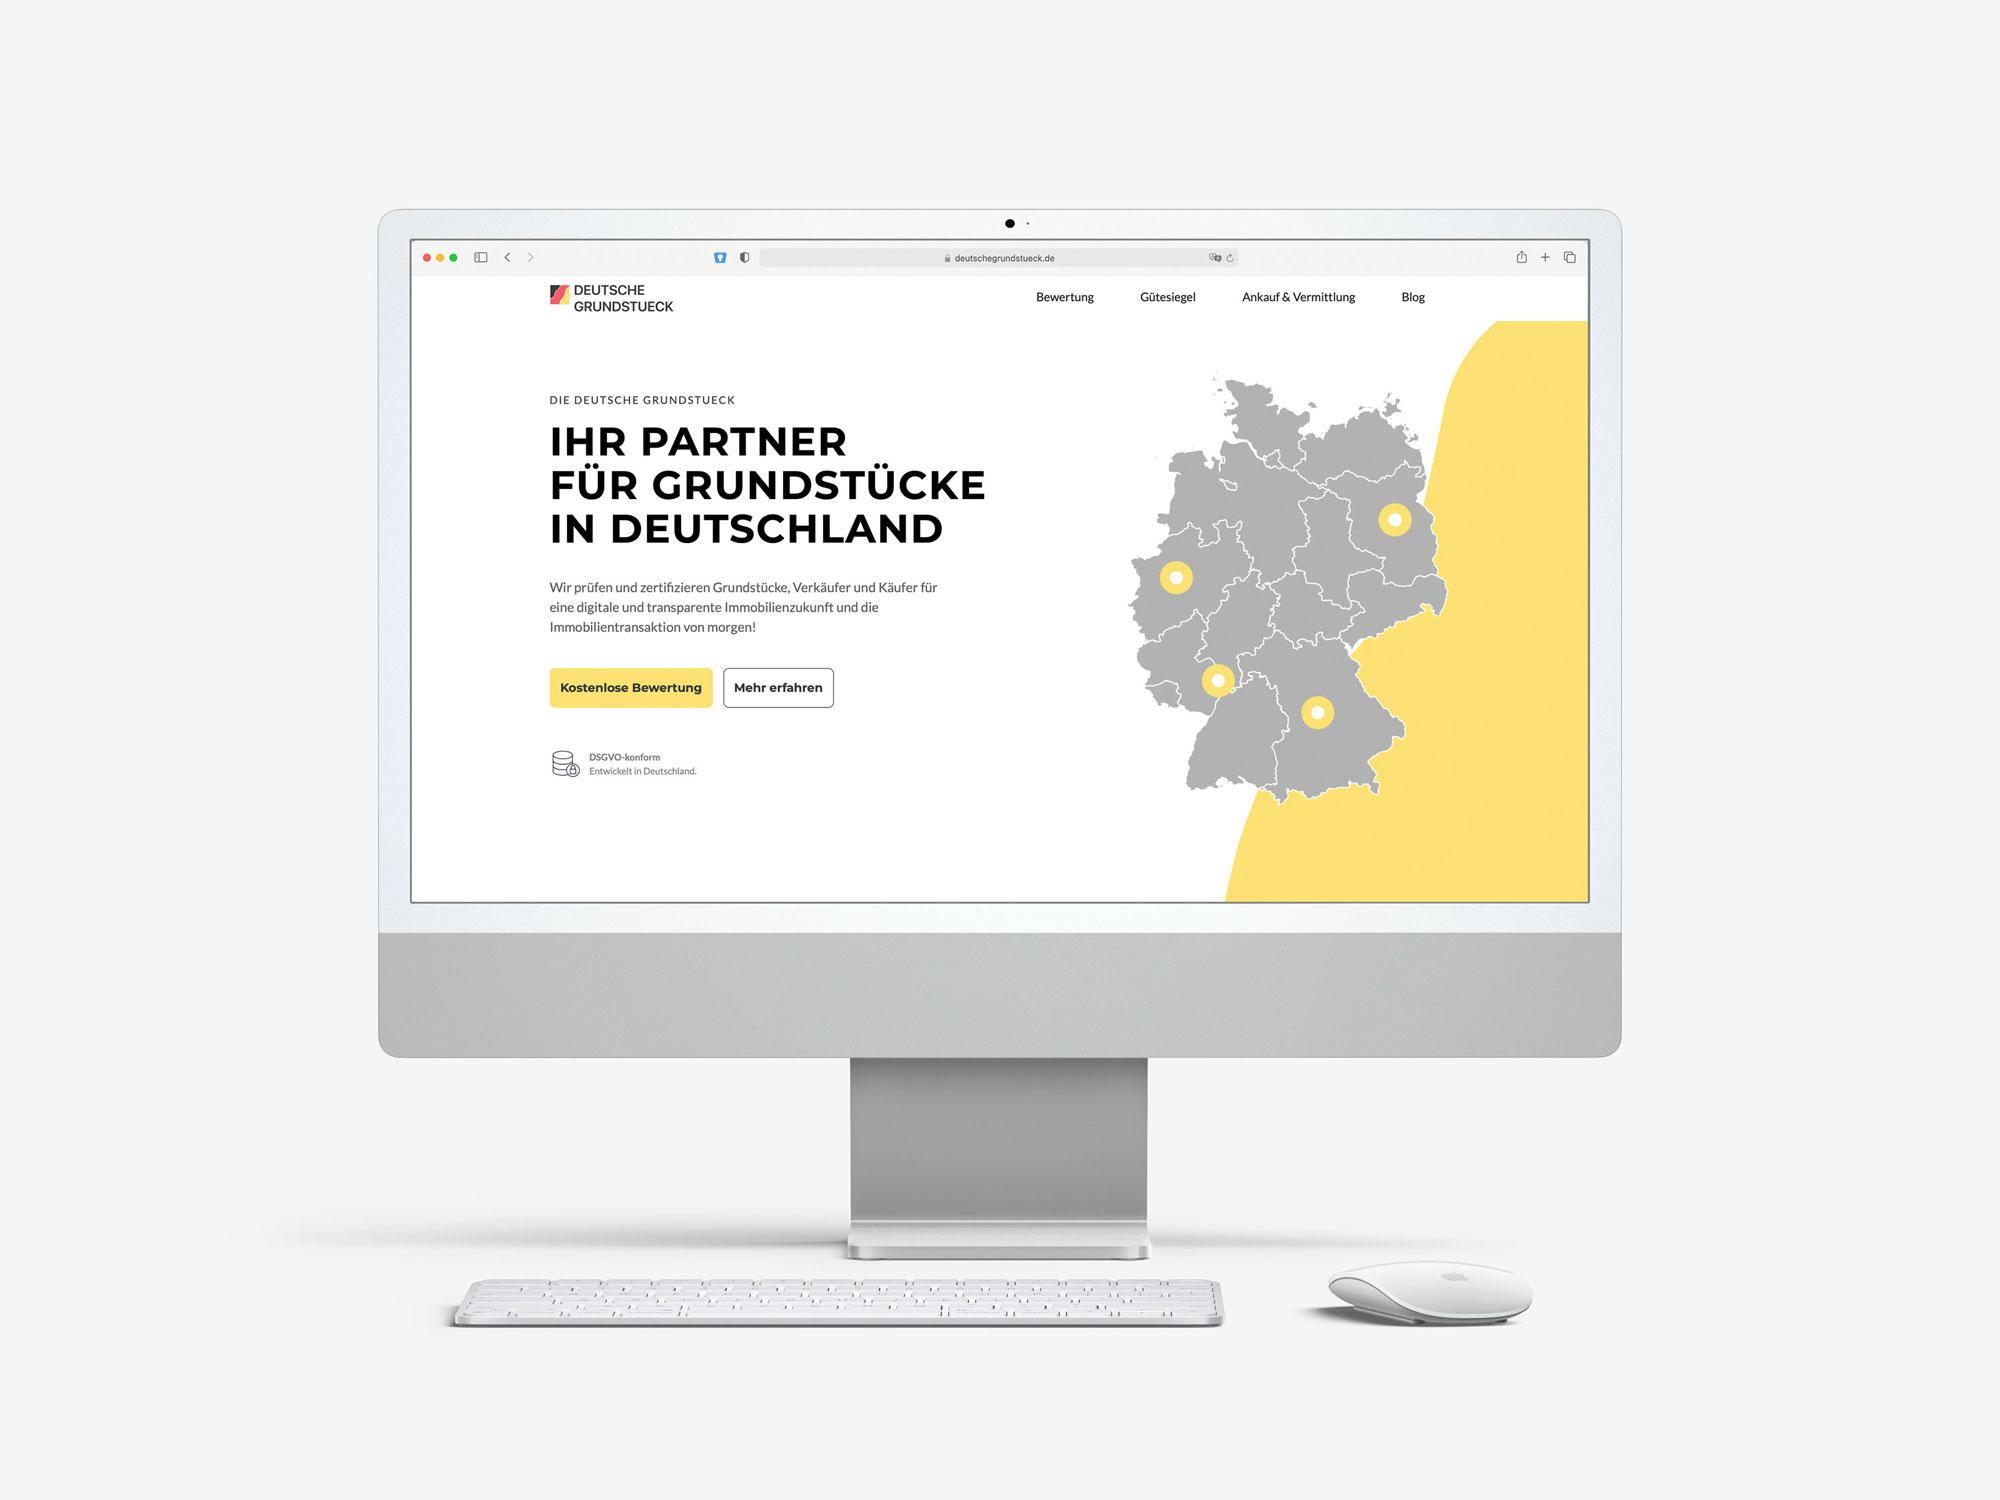 Deutsche Grundstück Website